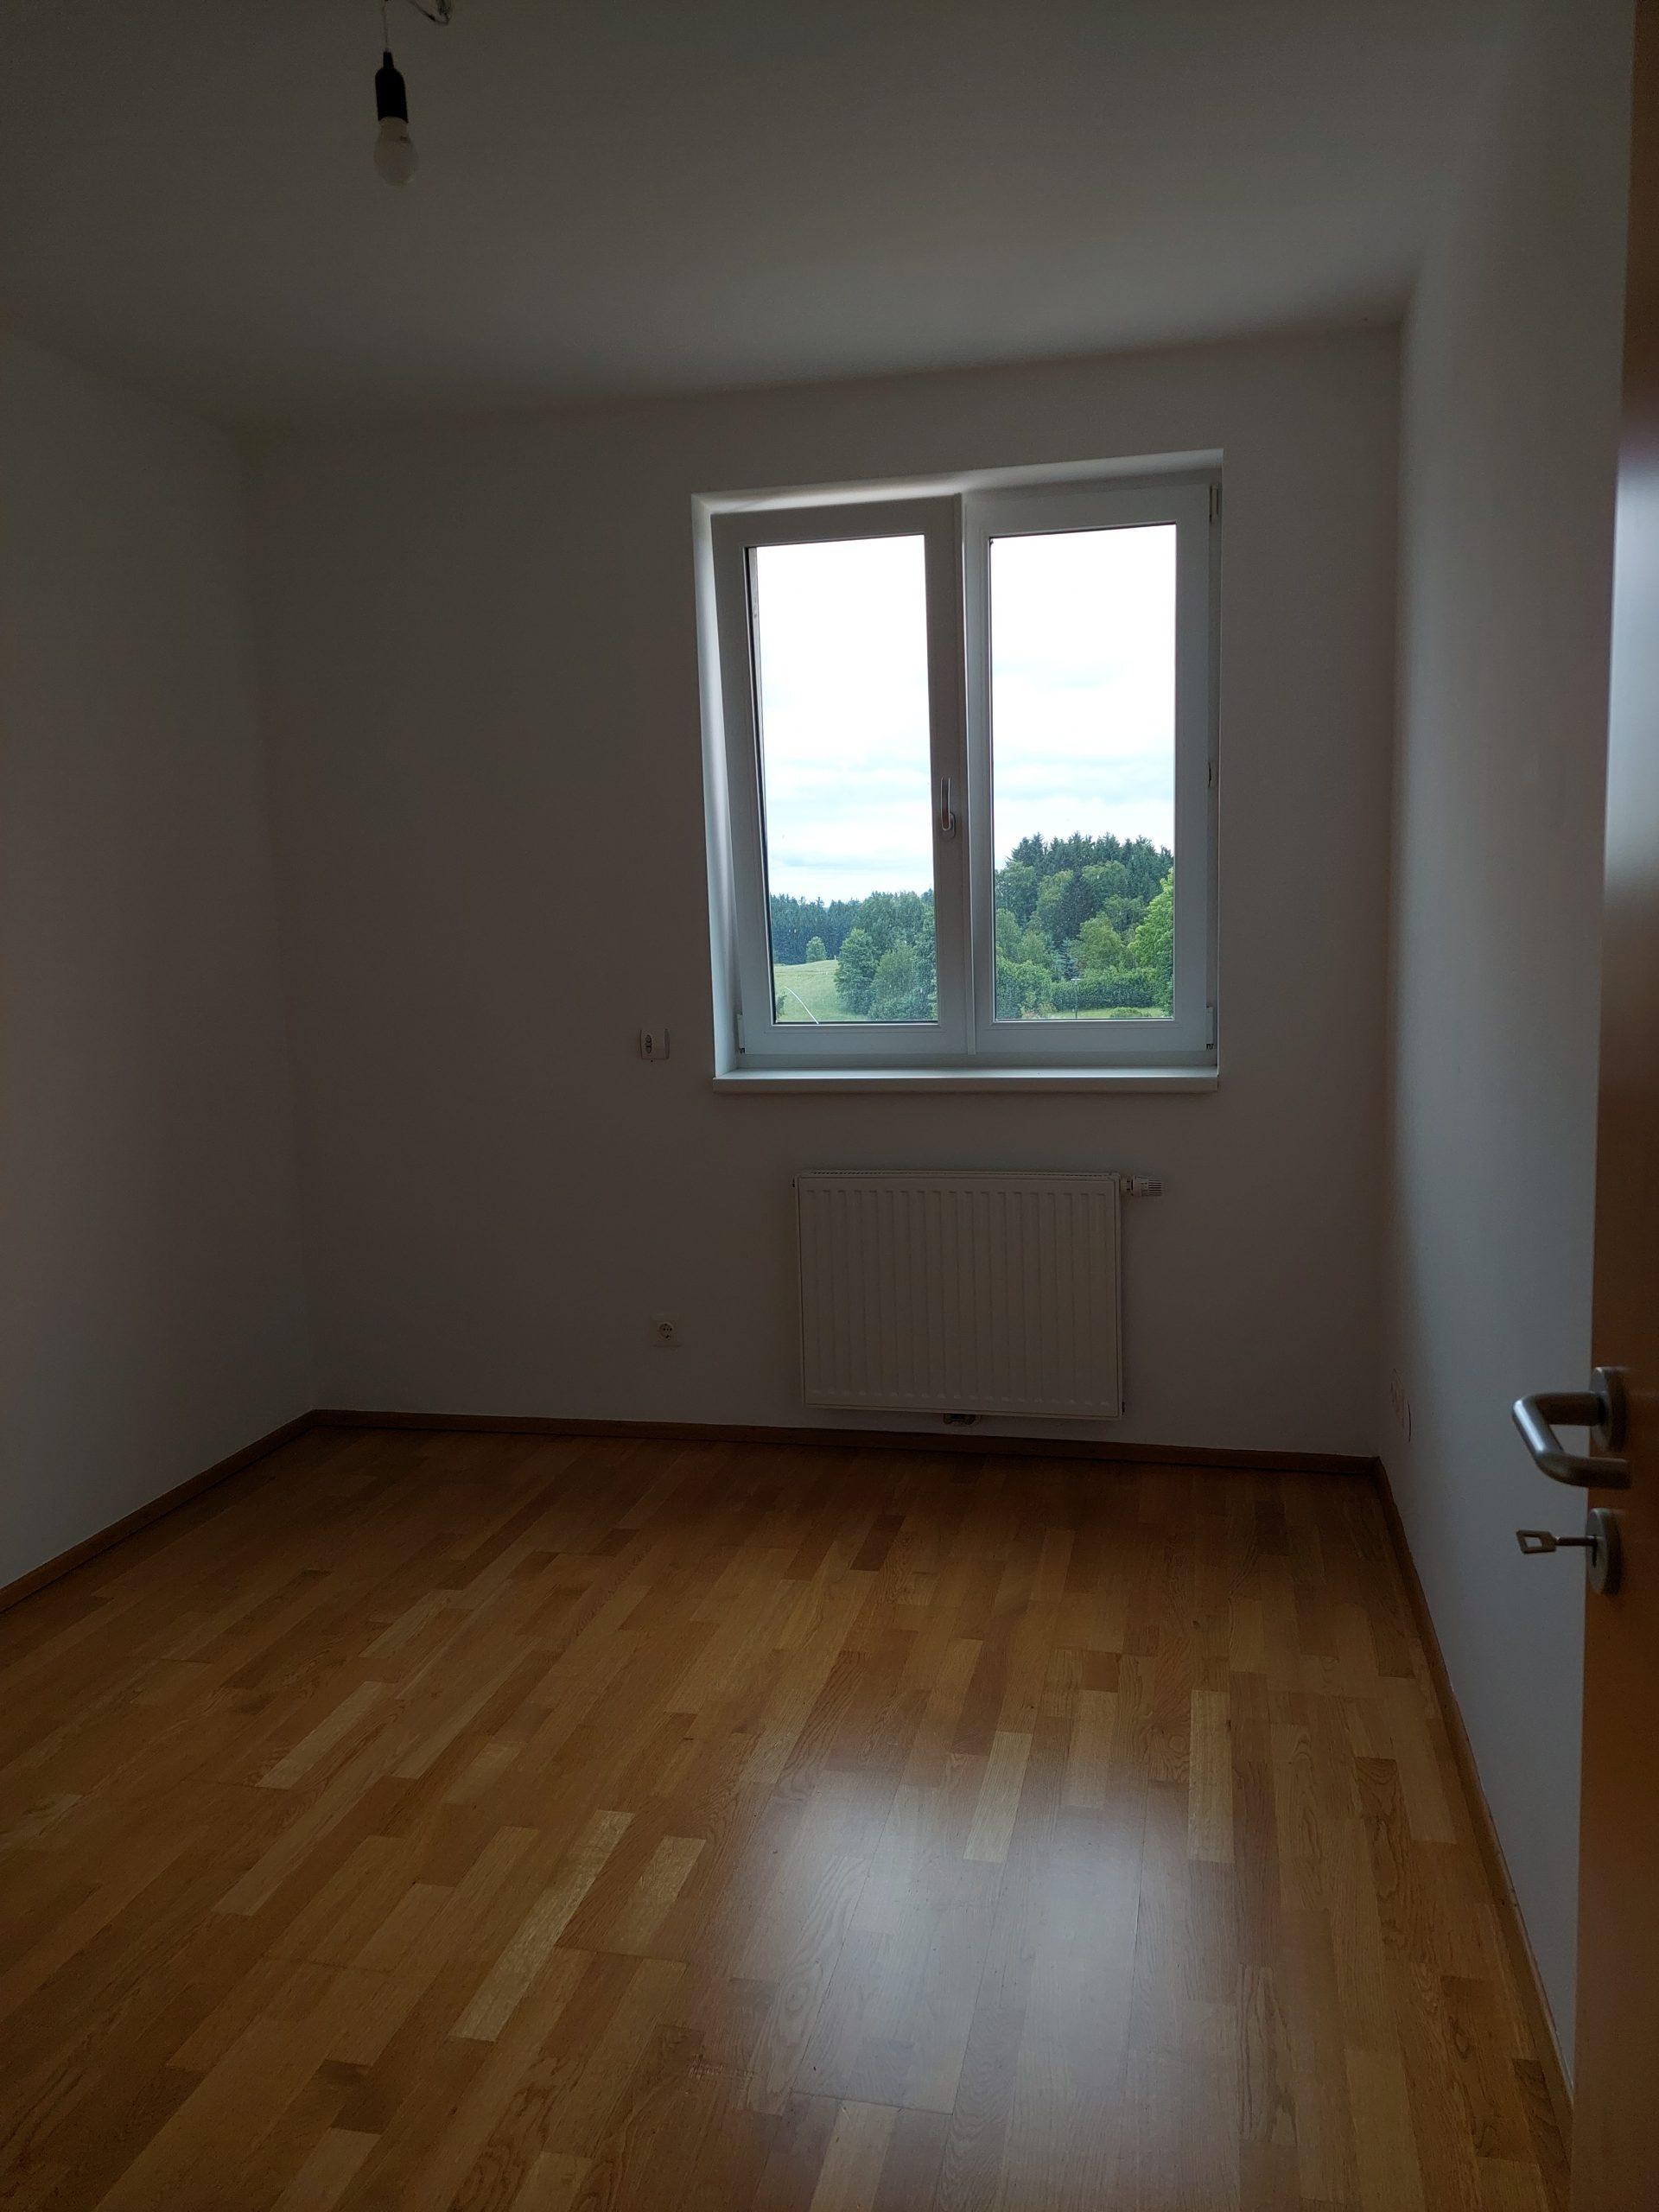 Immobilie von Kamptal in 3632 Bad Traunstein, Zwettl, Bad Traunstein I - Top 9 #4